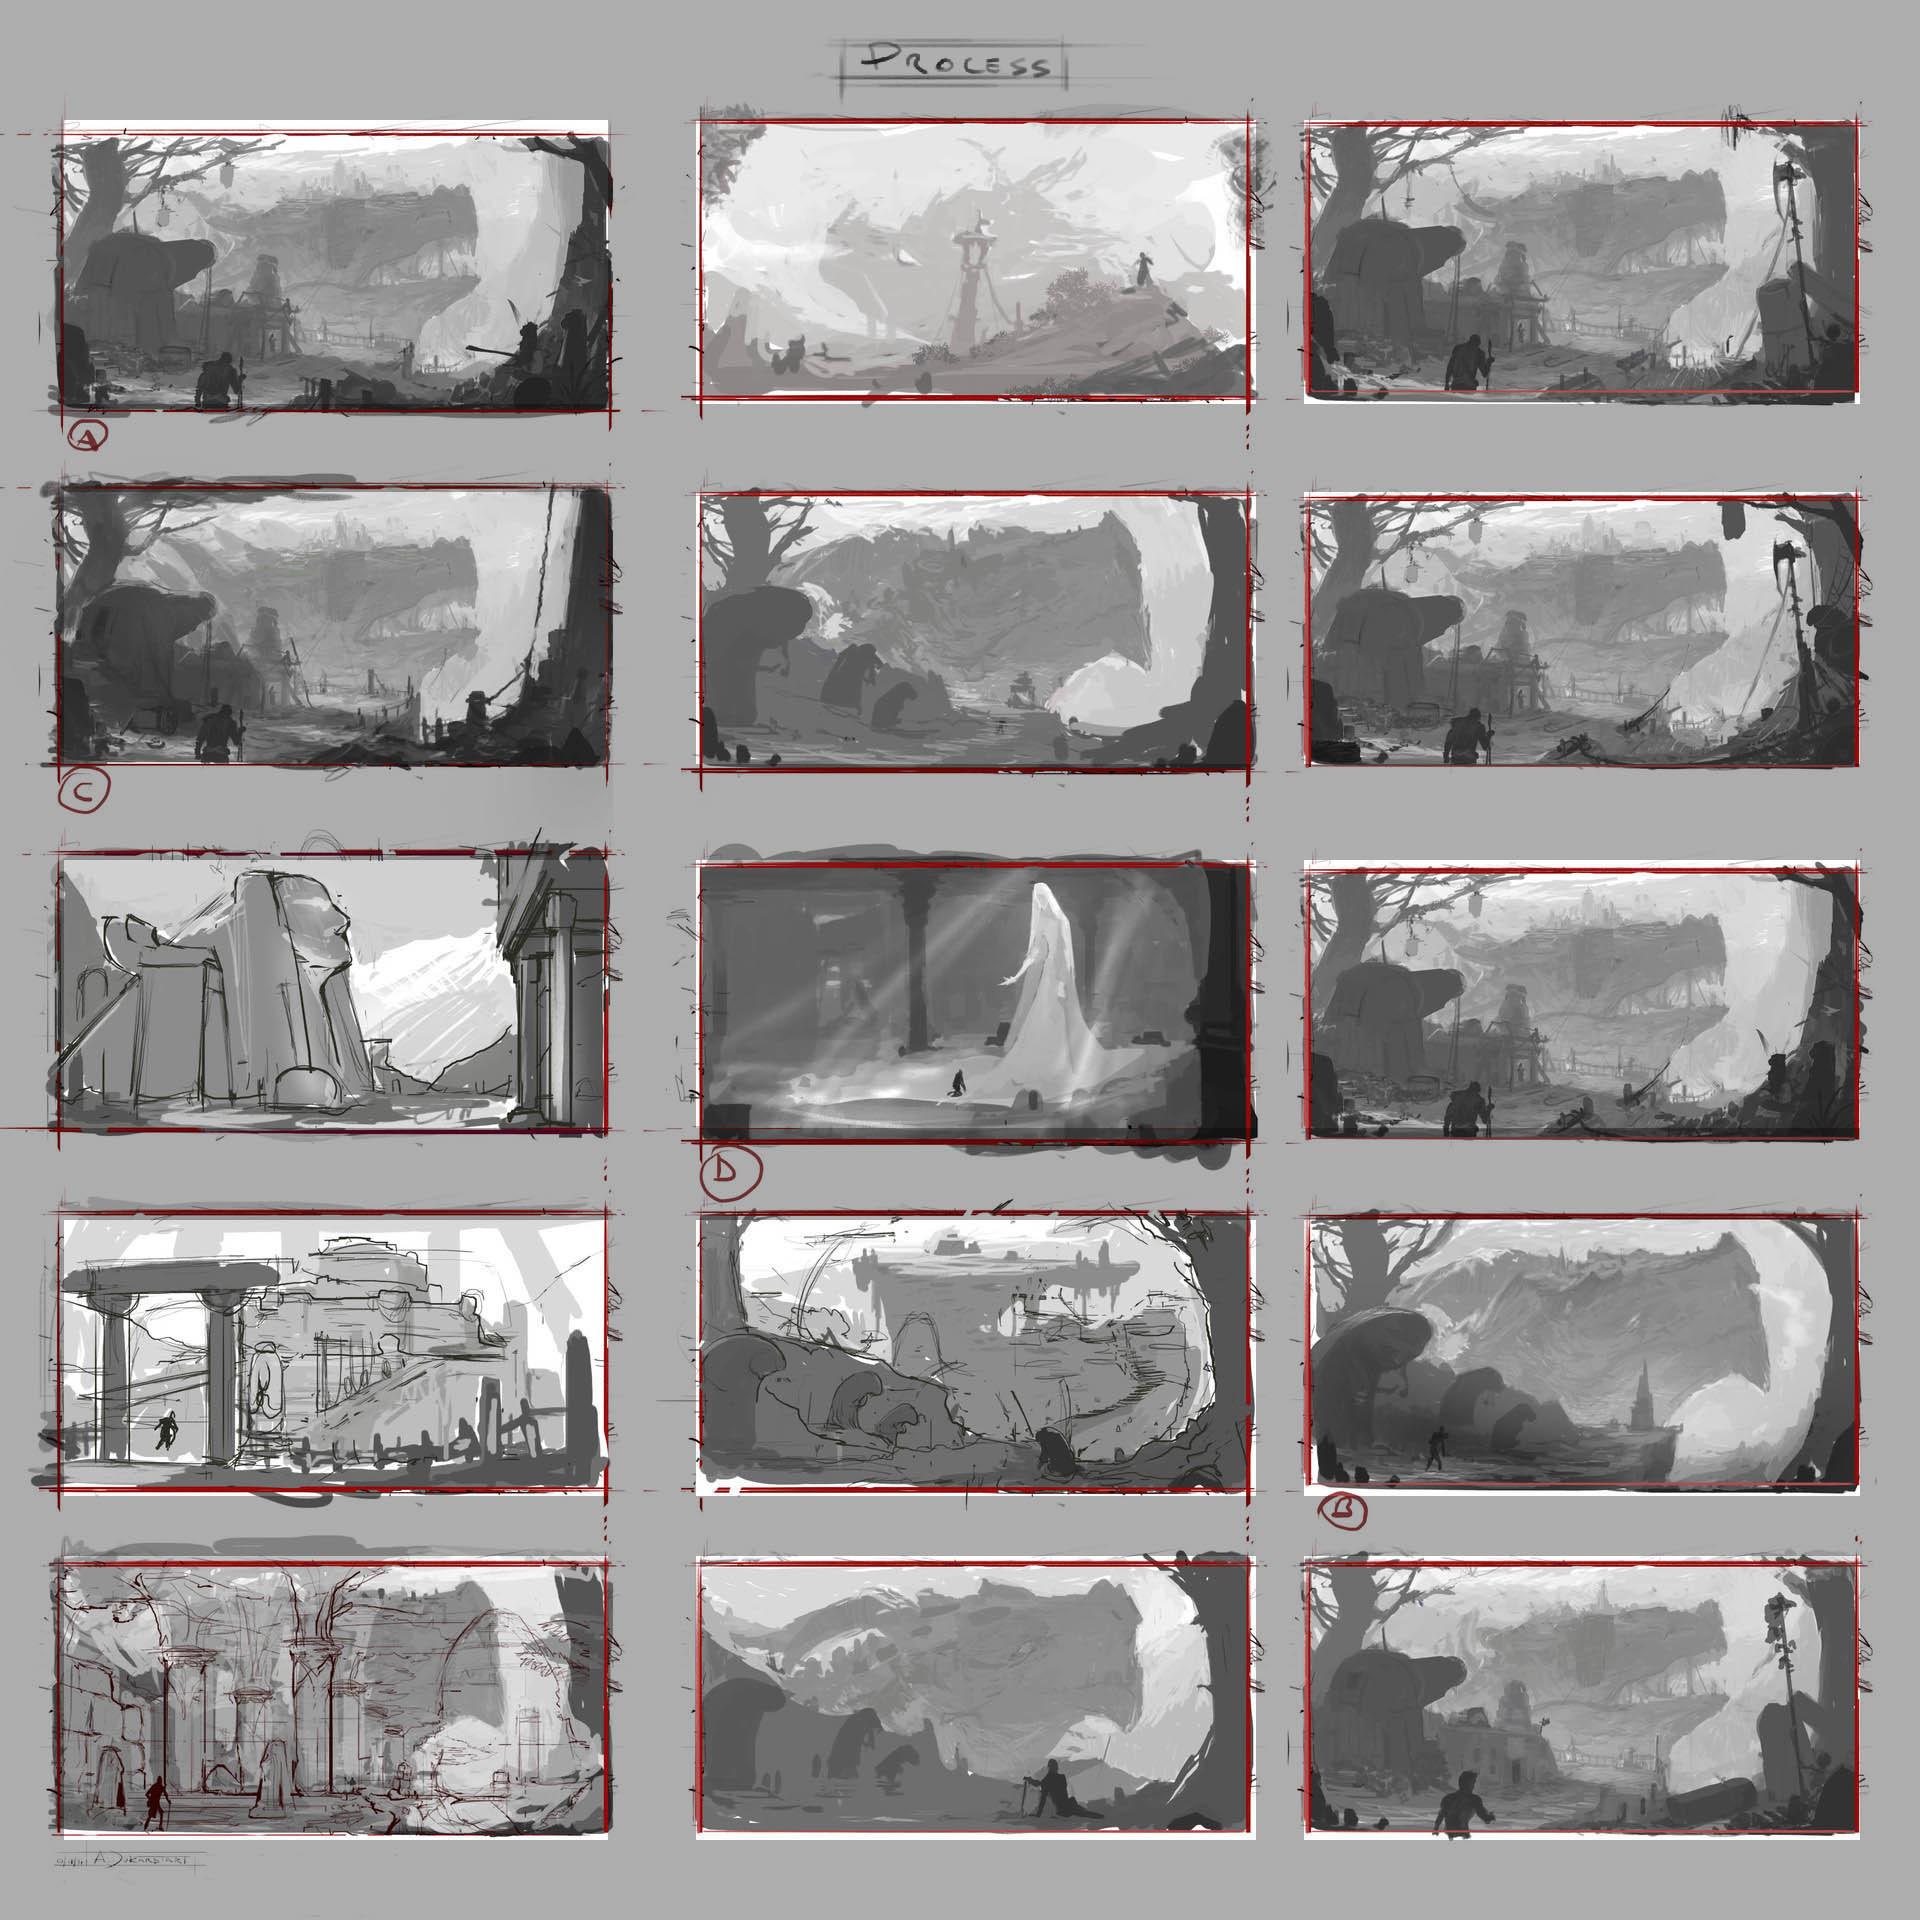 Alan dukardt 2d environment art challengeadukardtartconcepts